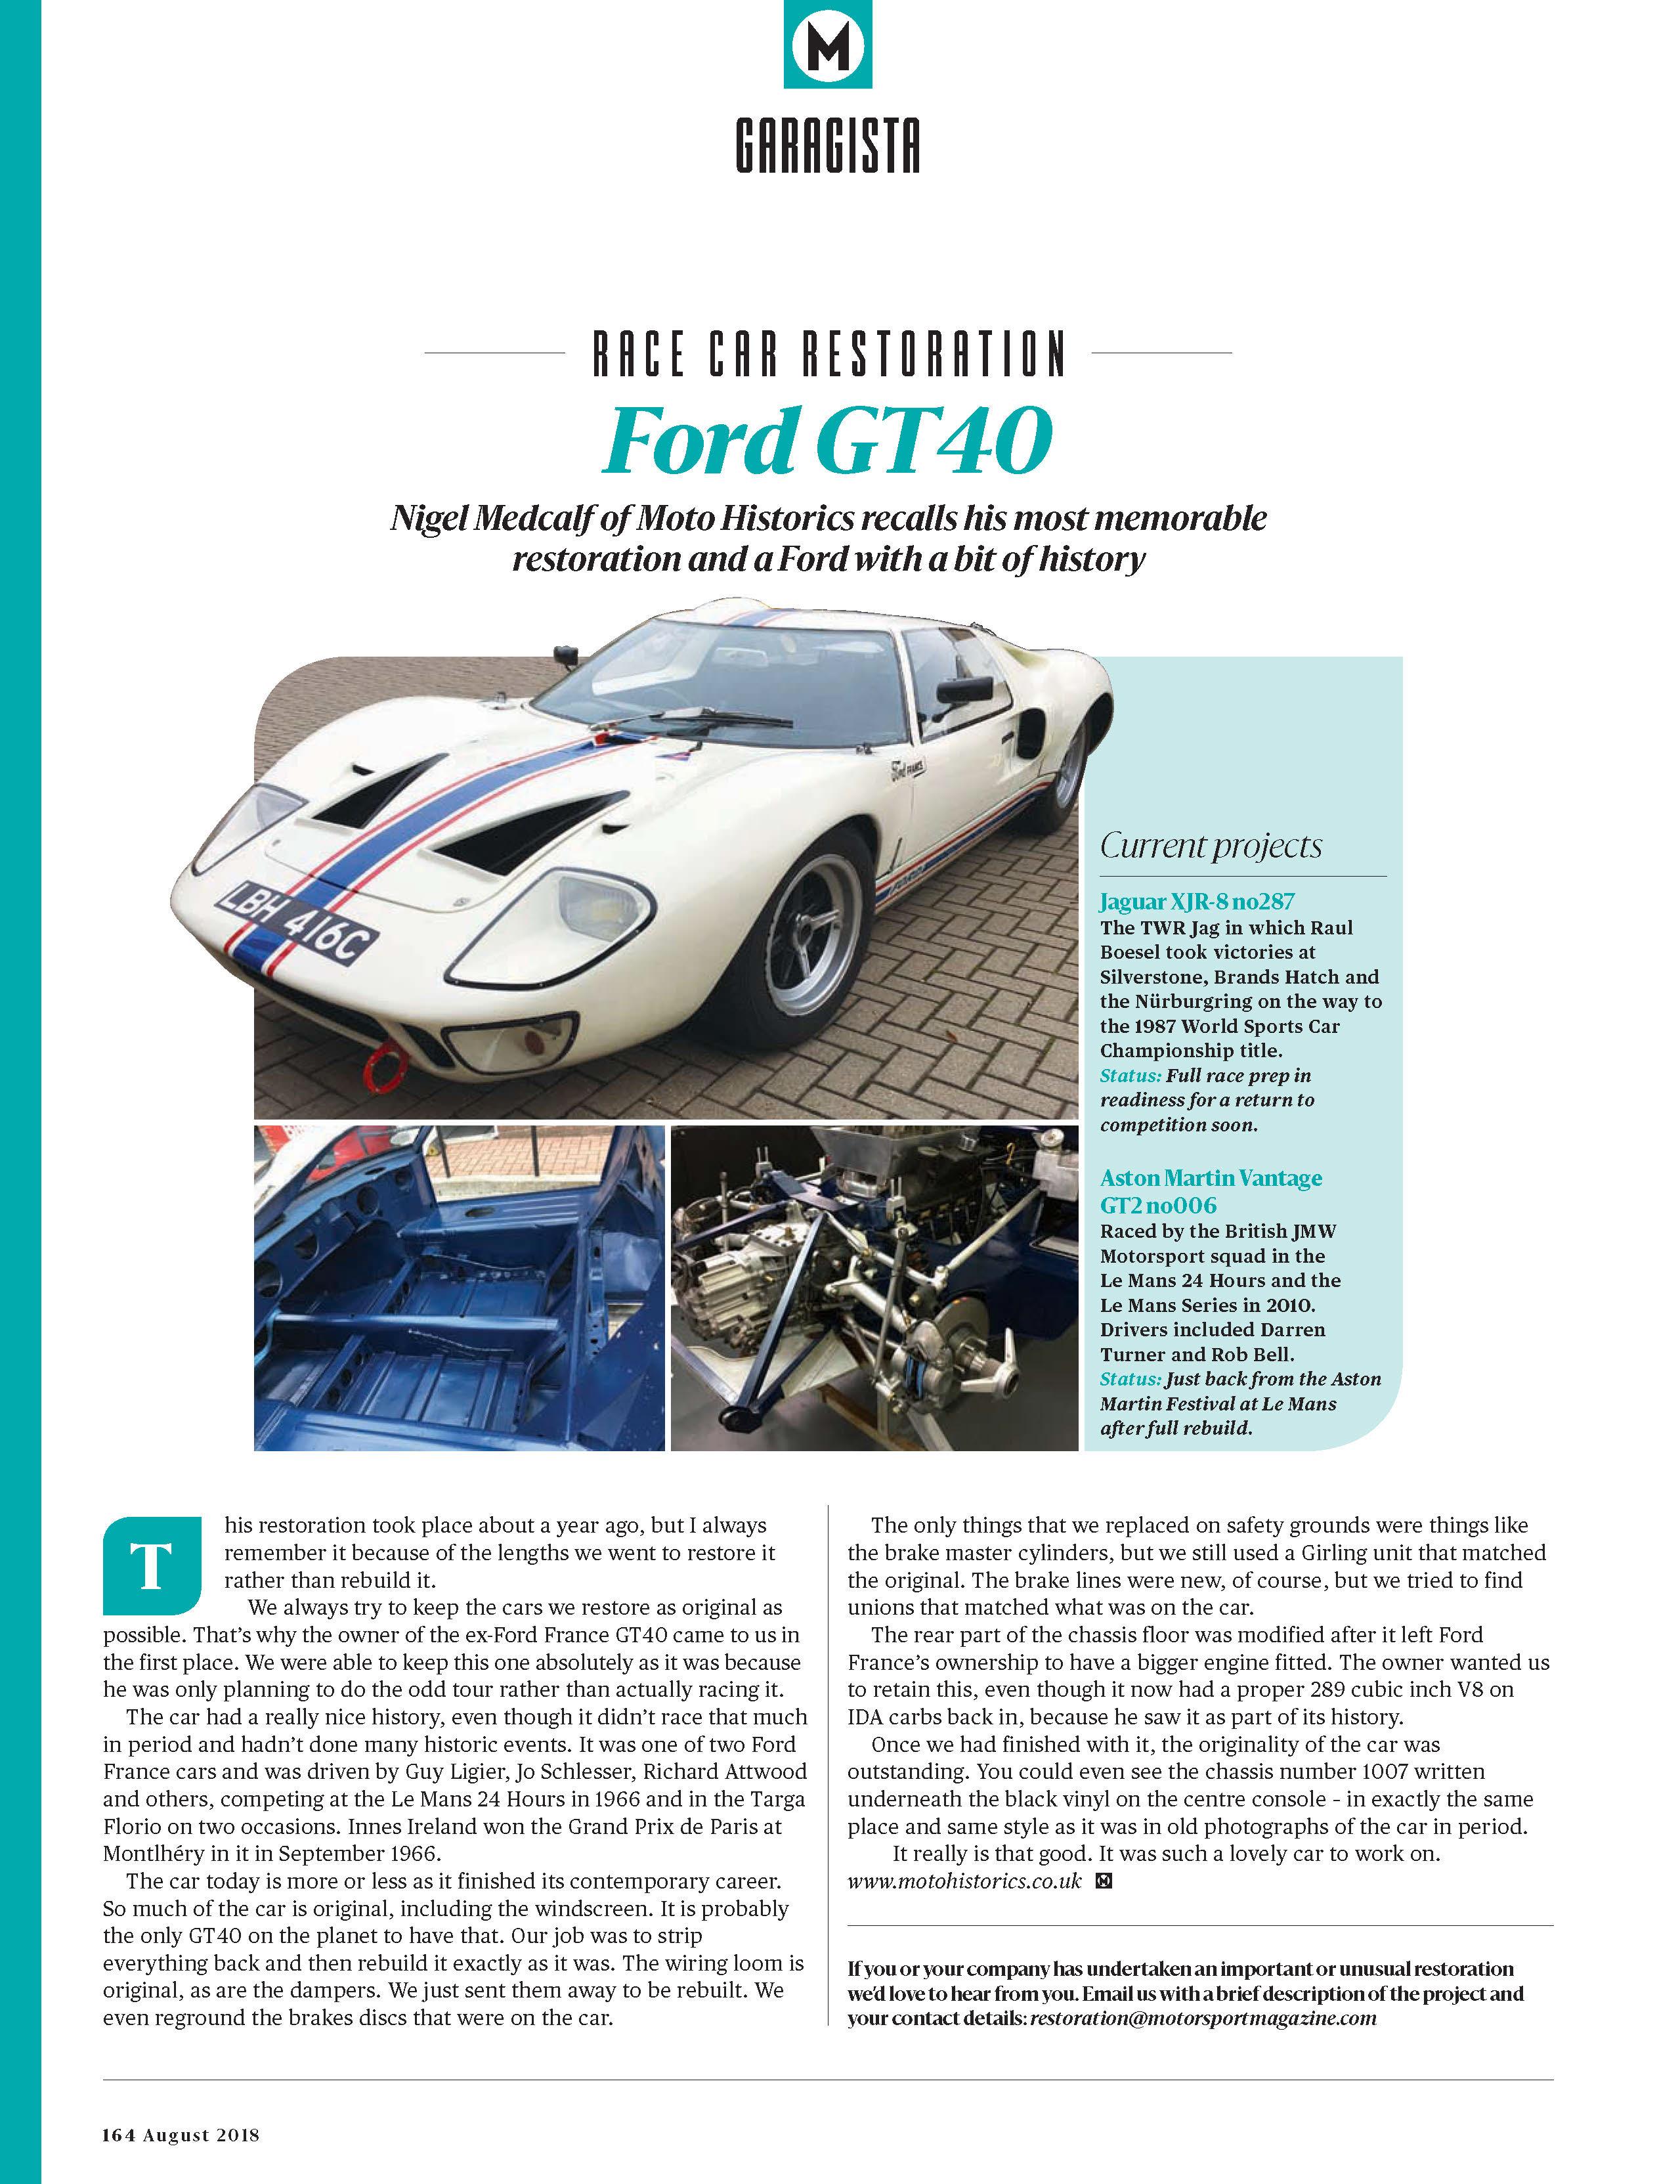 Race Car Restoration: Ford GT40 image